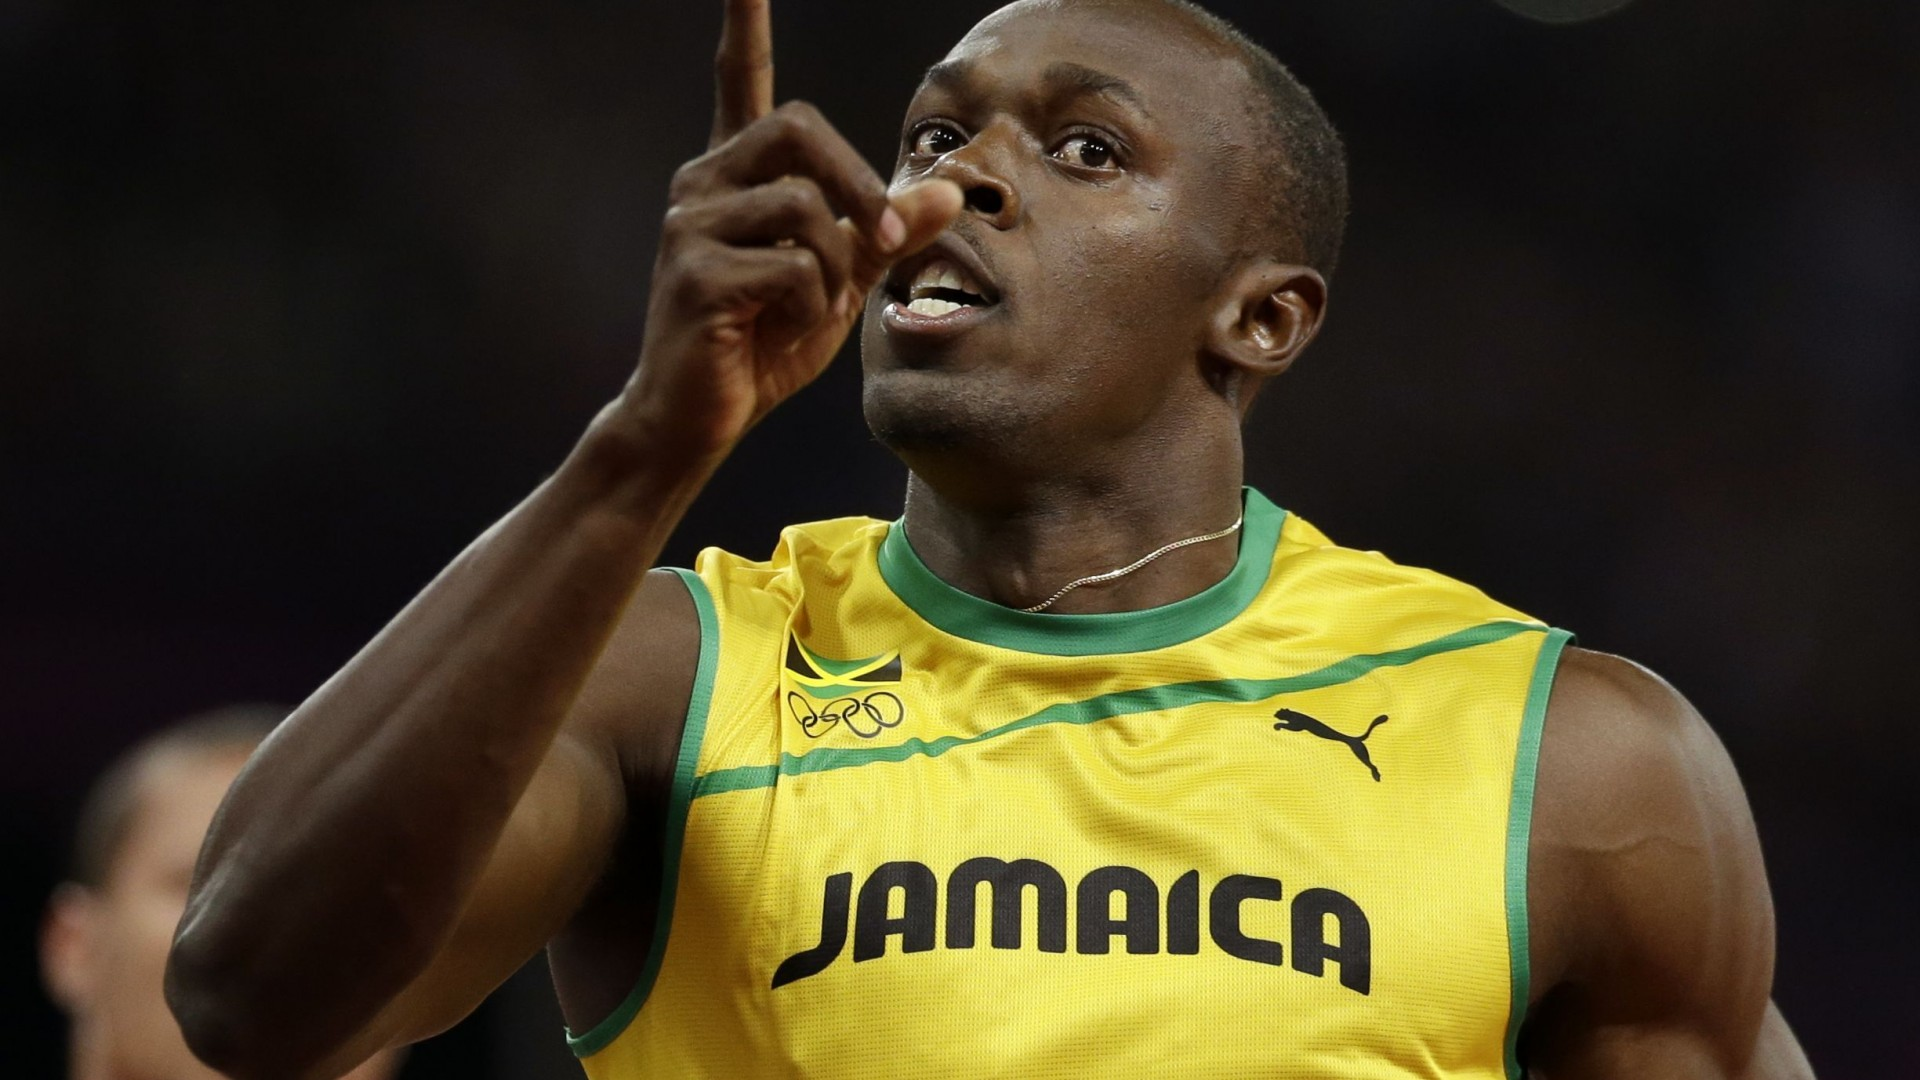 Usain-Bolt-Athletics-Men-London-2012-Olympics-1080x1920